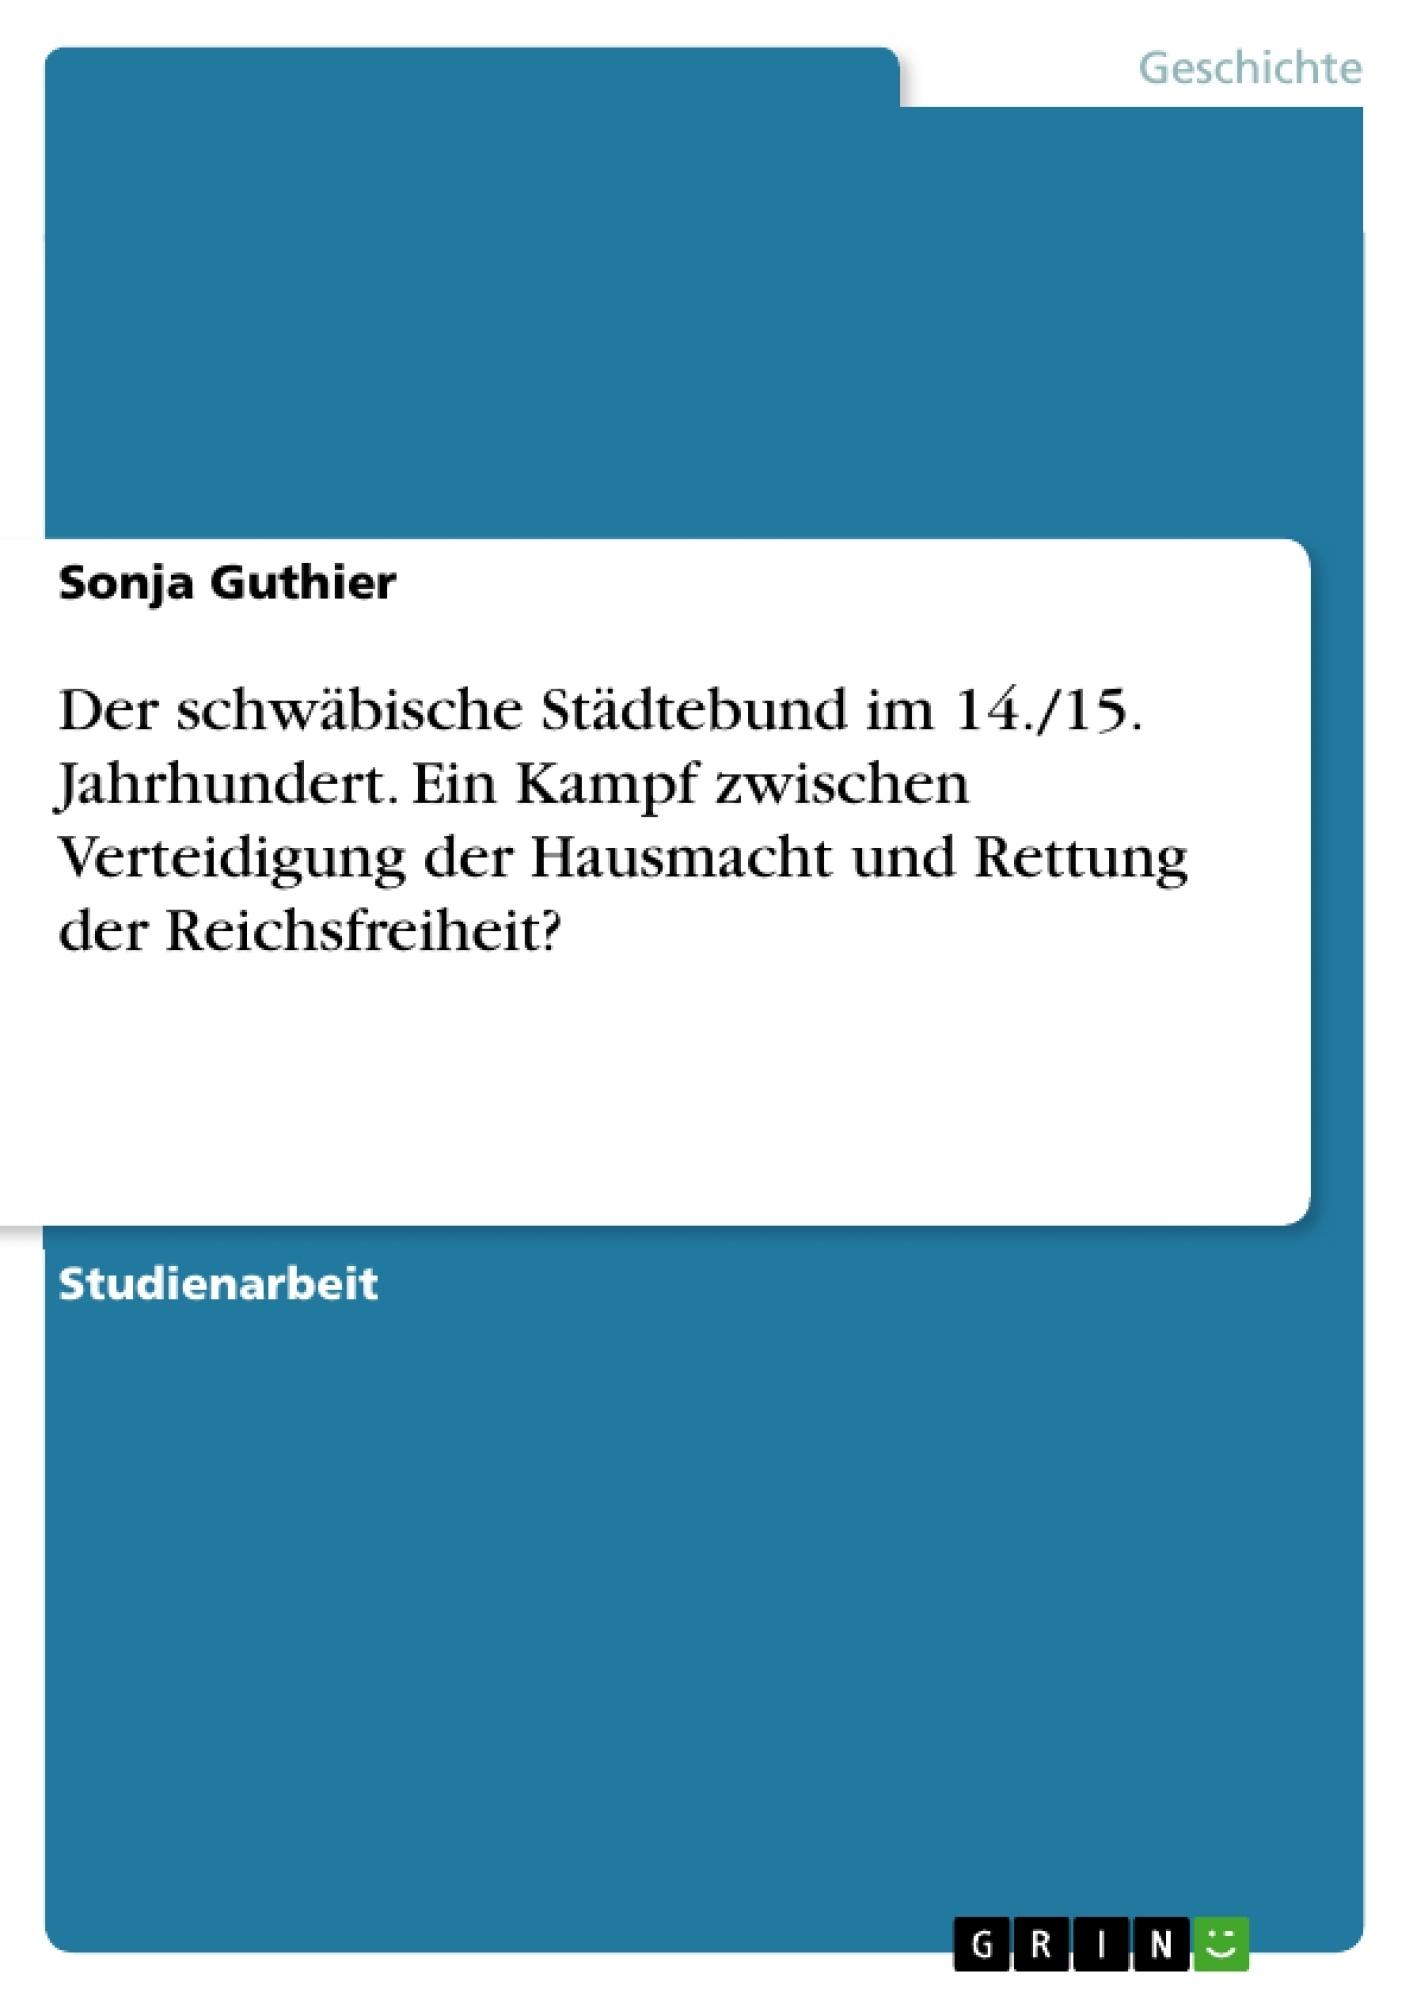 Titel: Der schwäbische Städtebund im 14./15. Jahrhundert. Ein Kampf zwischen Verteidigung der Hausmacht und Rettung der Reichsfreiheit?